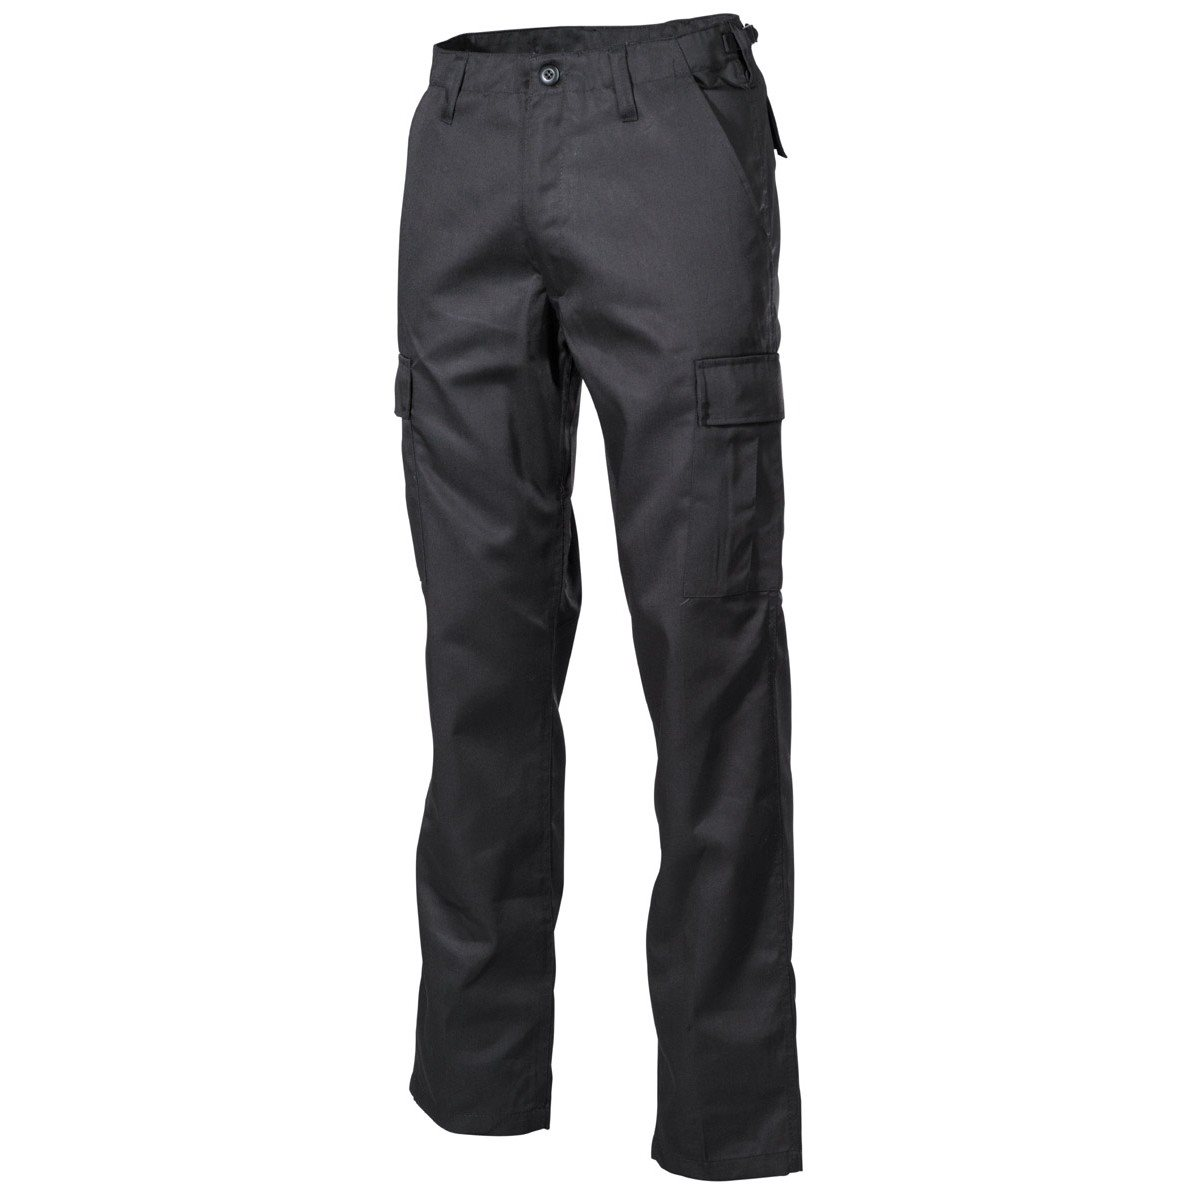 MFH int. comp. | Kalhoty US střih BDU ČERNÉ vel.XL